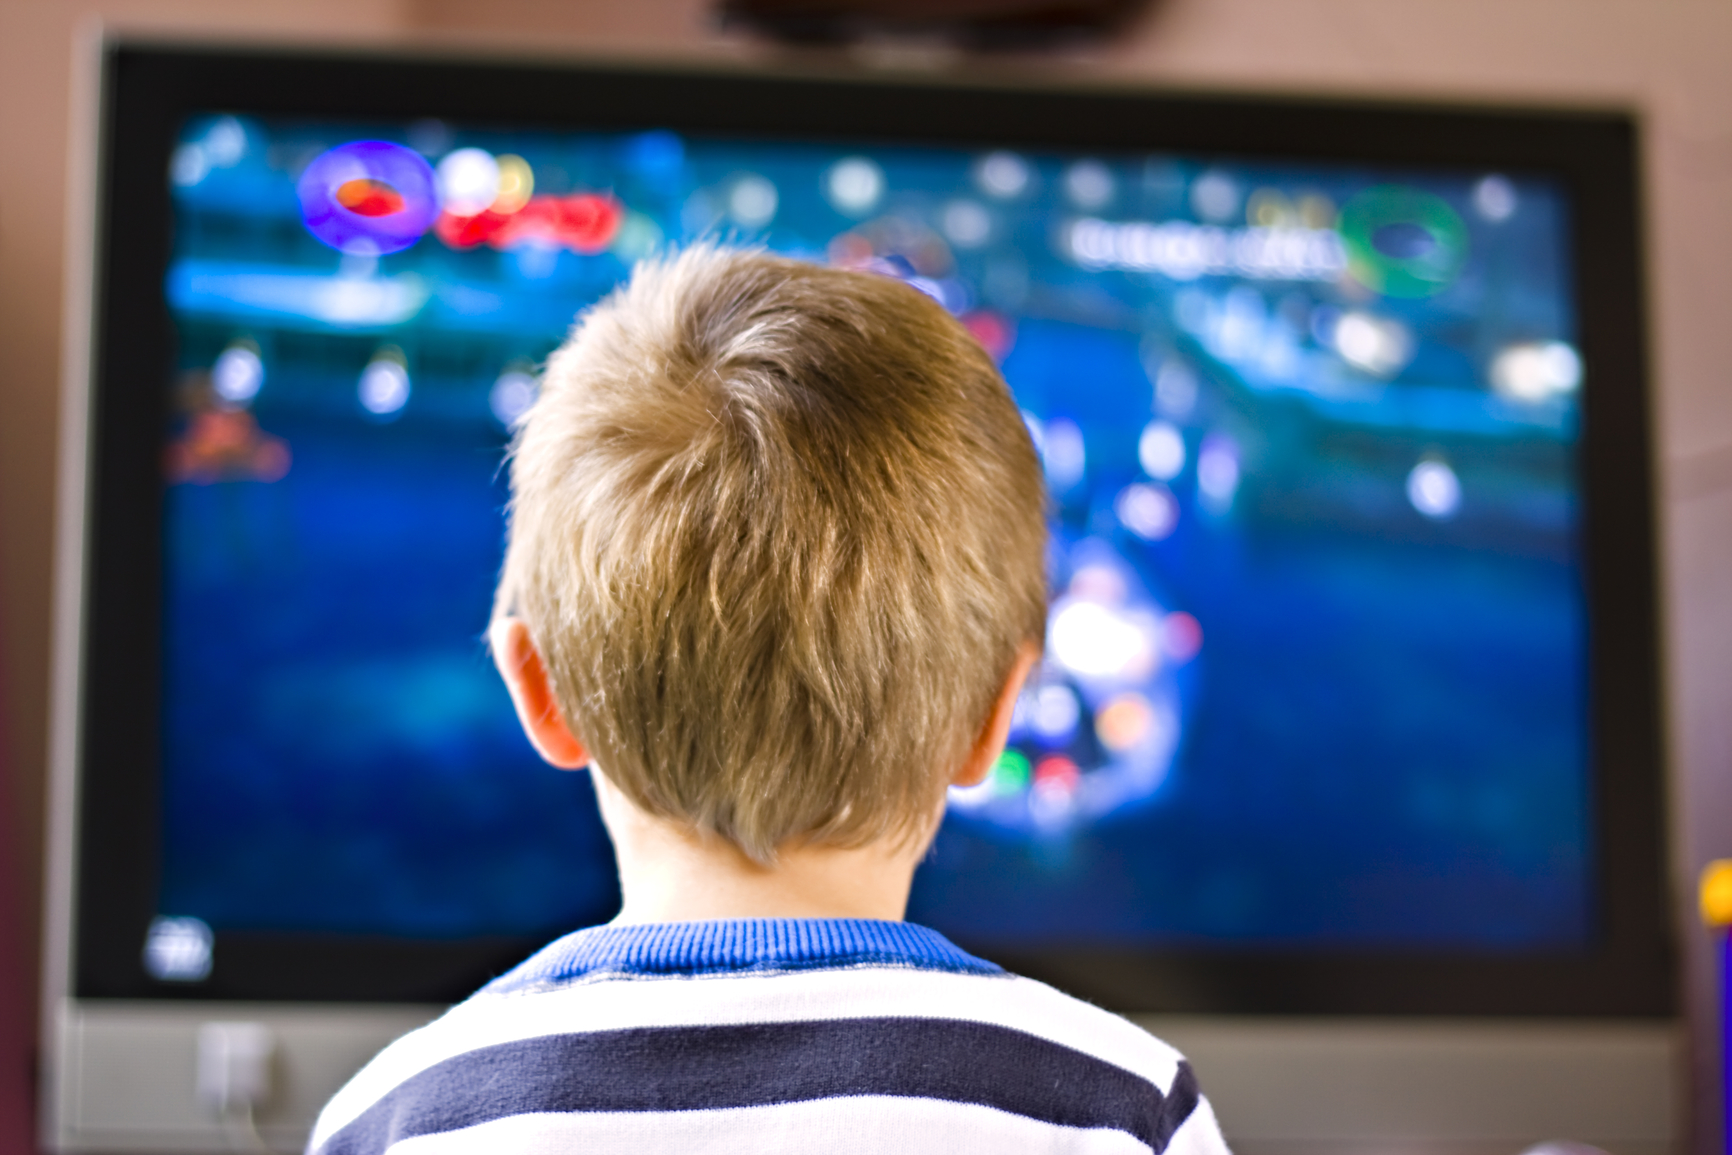 Телевизор и компьютер способны вызвать у ребенка гипертонию – ученые